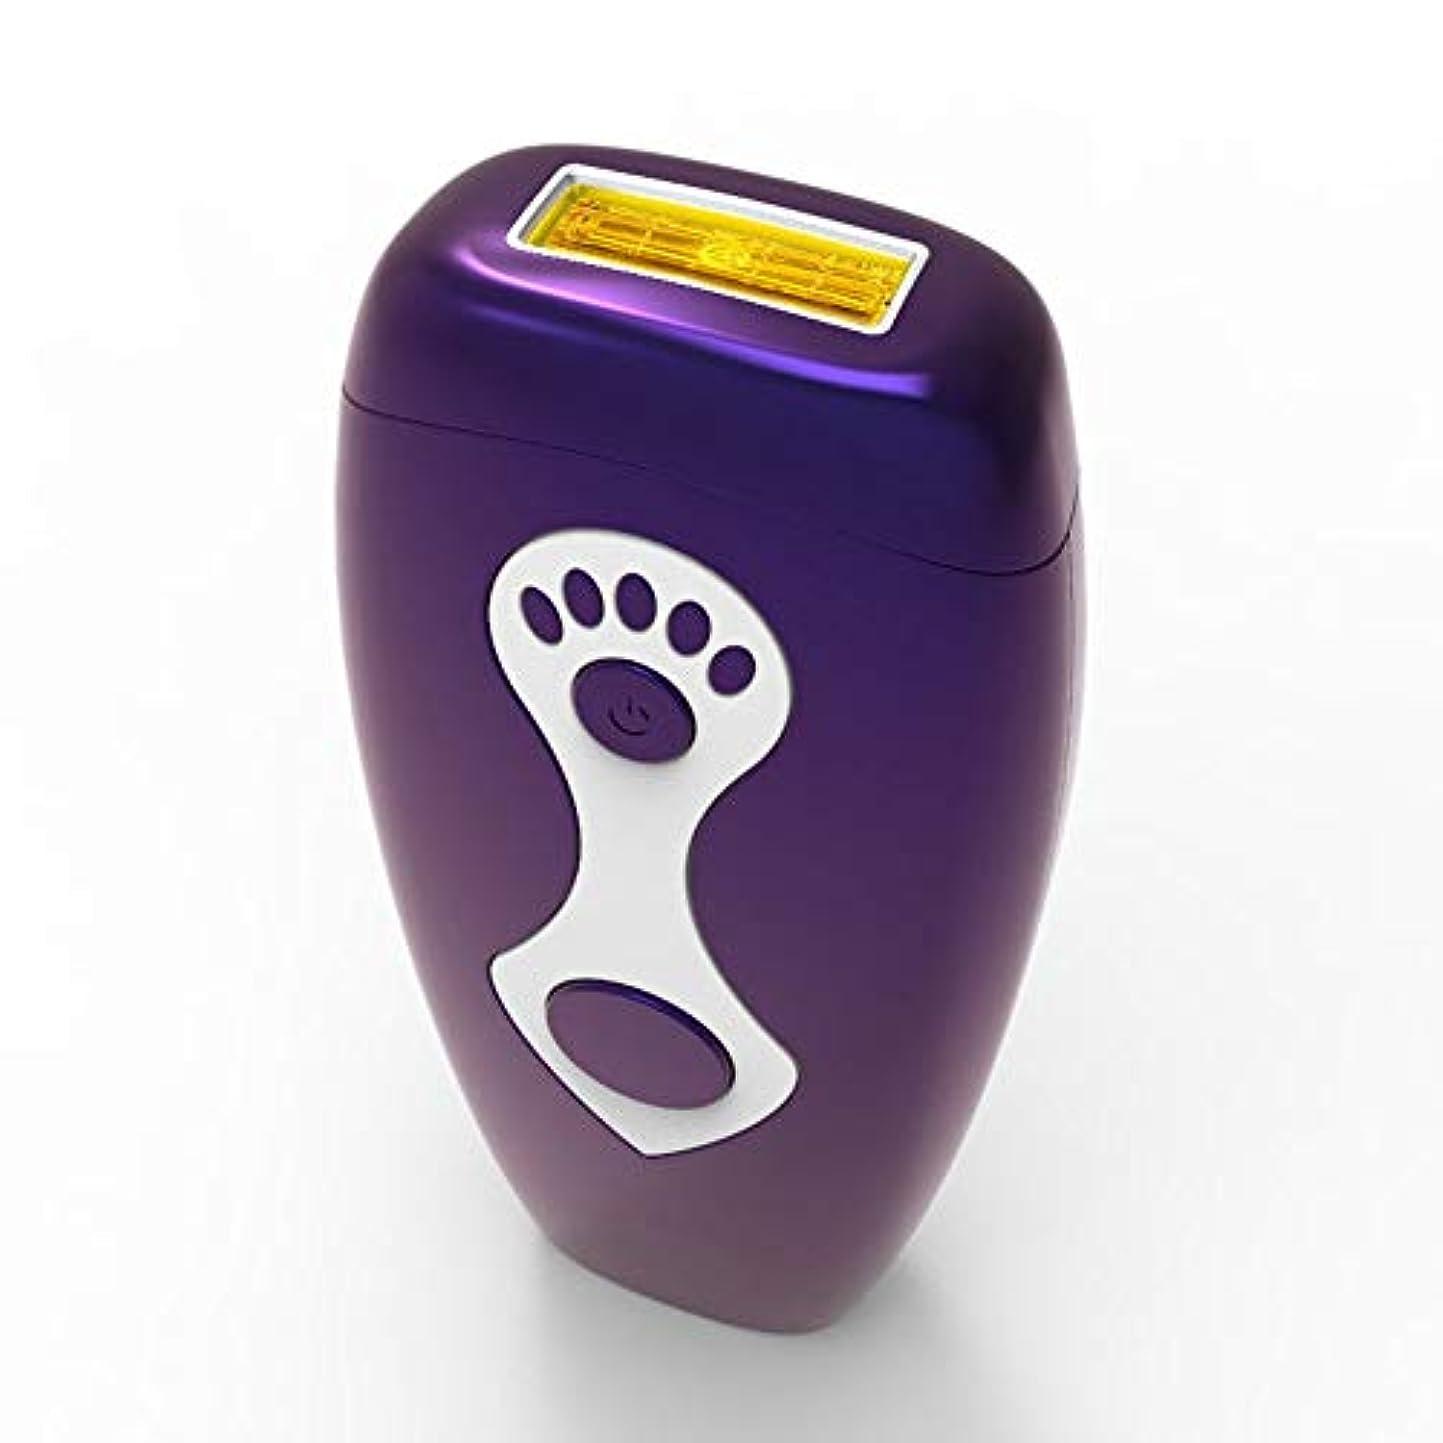 予測子みぞれ組立パーマネント脱毛、家庭用ニュートラルヘアリムーバー、柔らかい肌、マルチ運動エネルギー、安全性、グレード5無料調整、サイズ7.5×16.5 Cm 安全性 (Color : Purple)